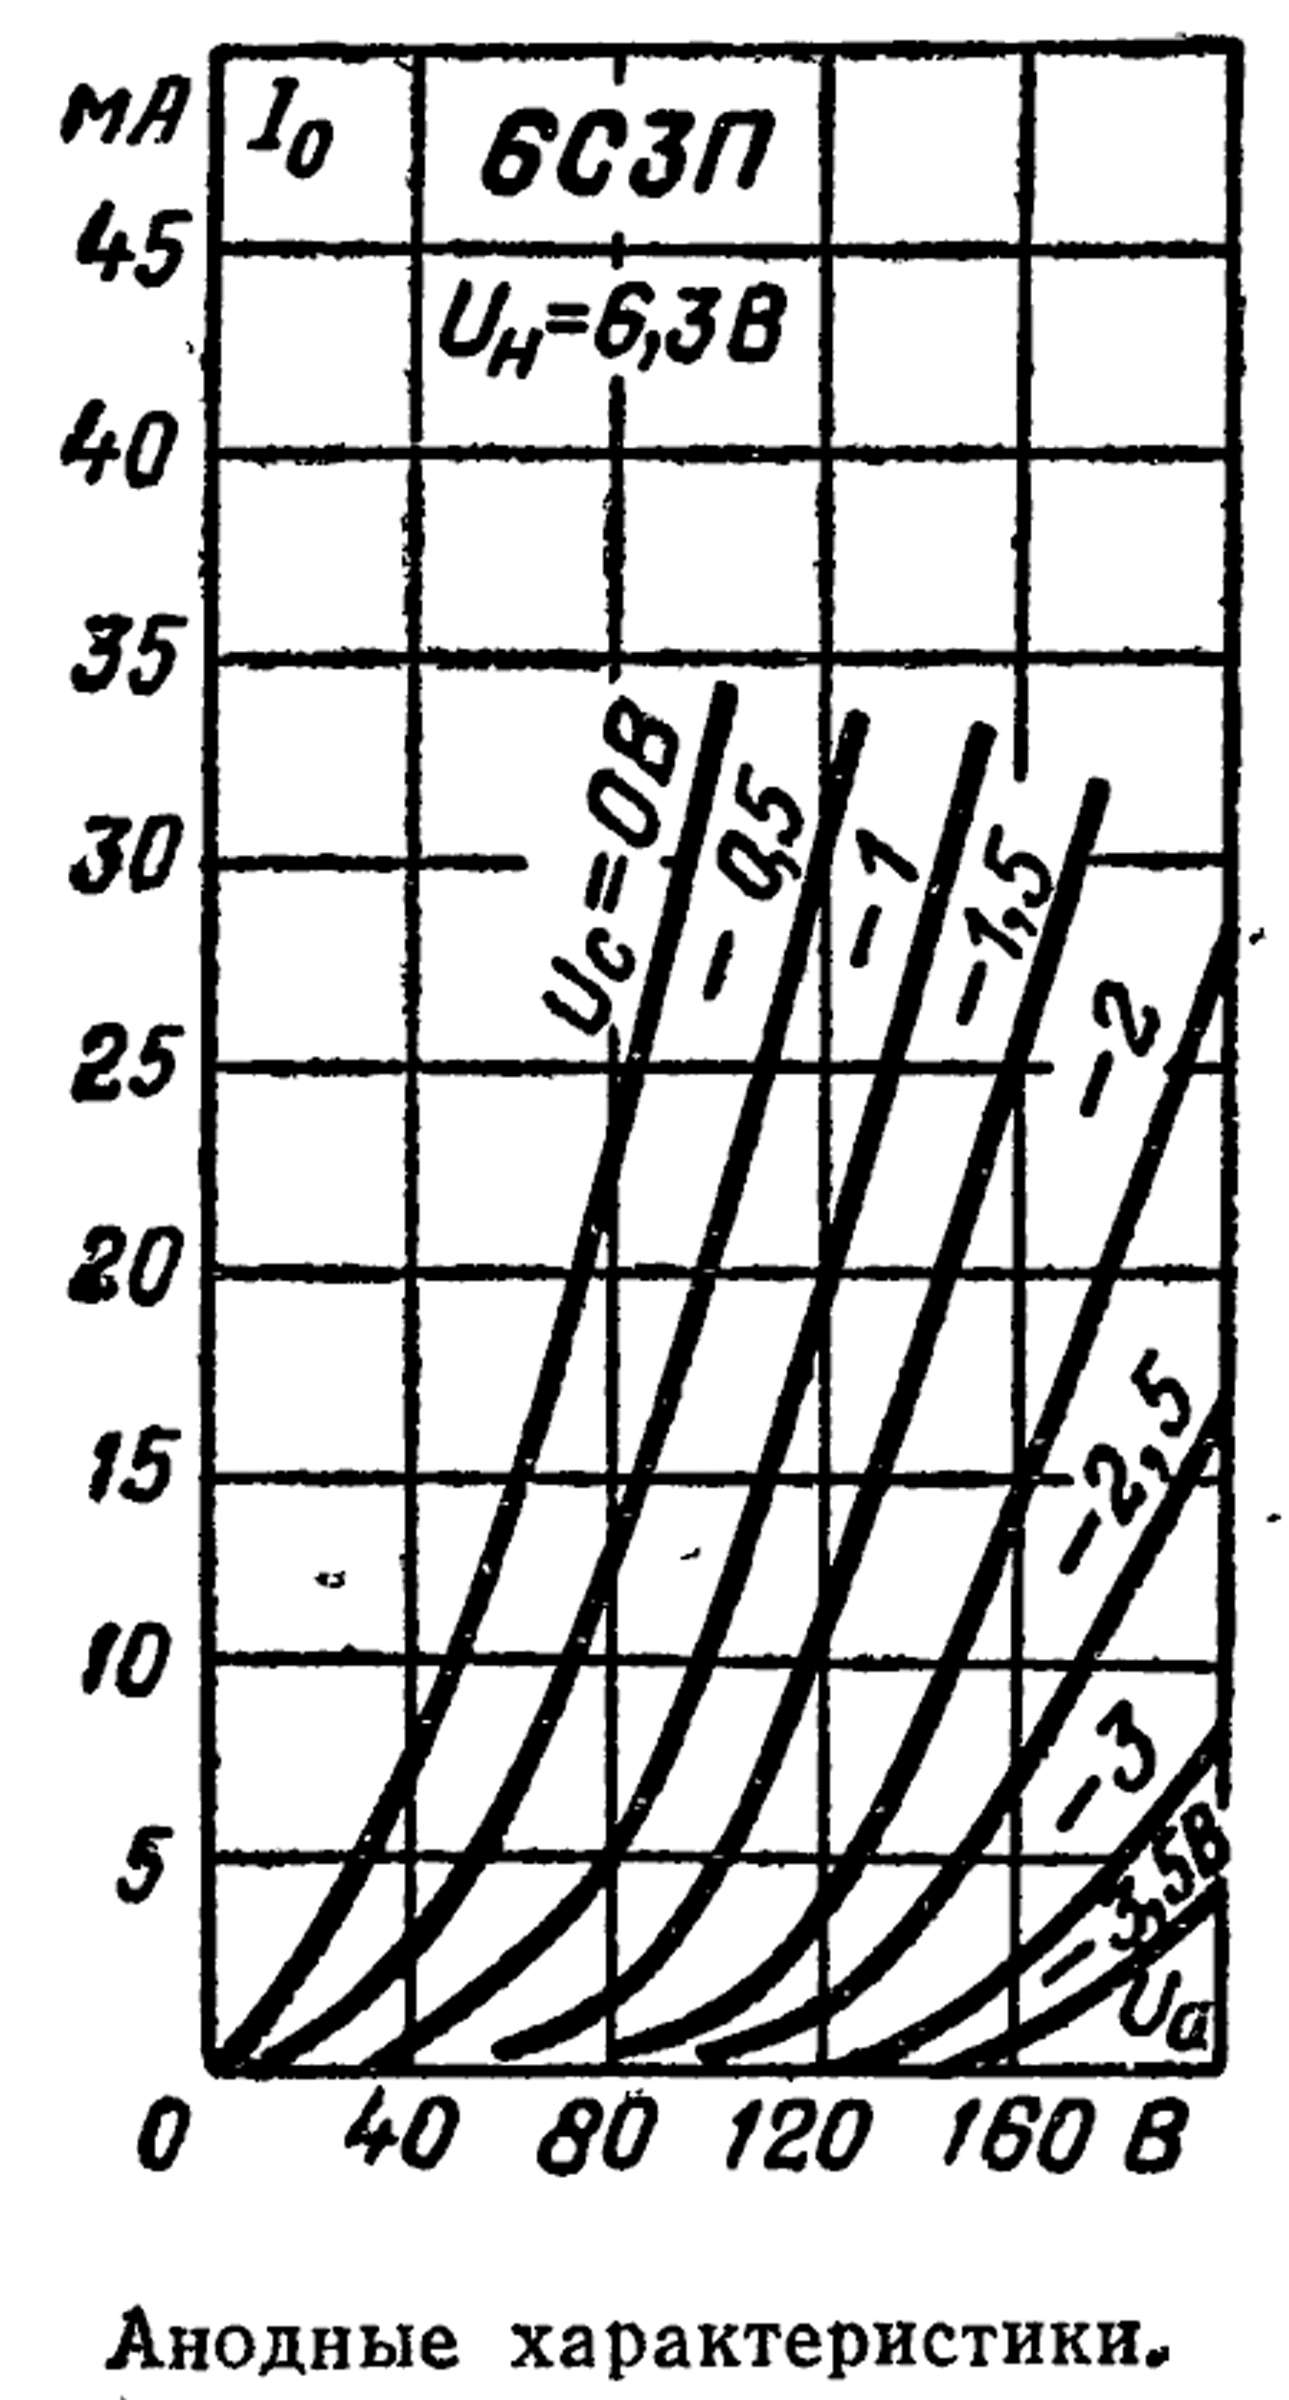 Параметры радиолампы 6С3П